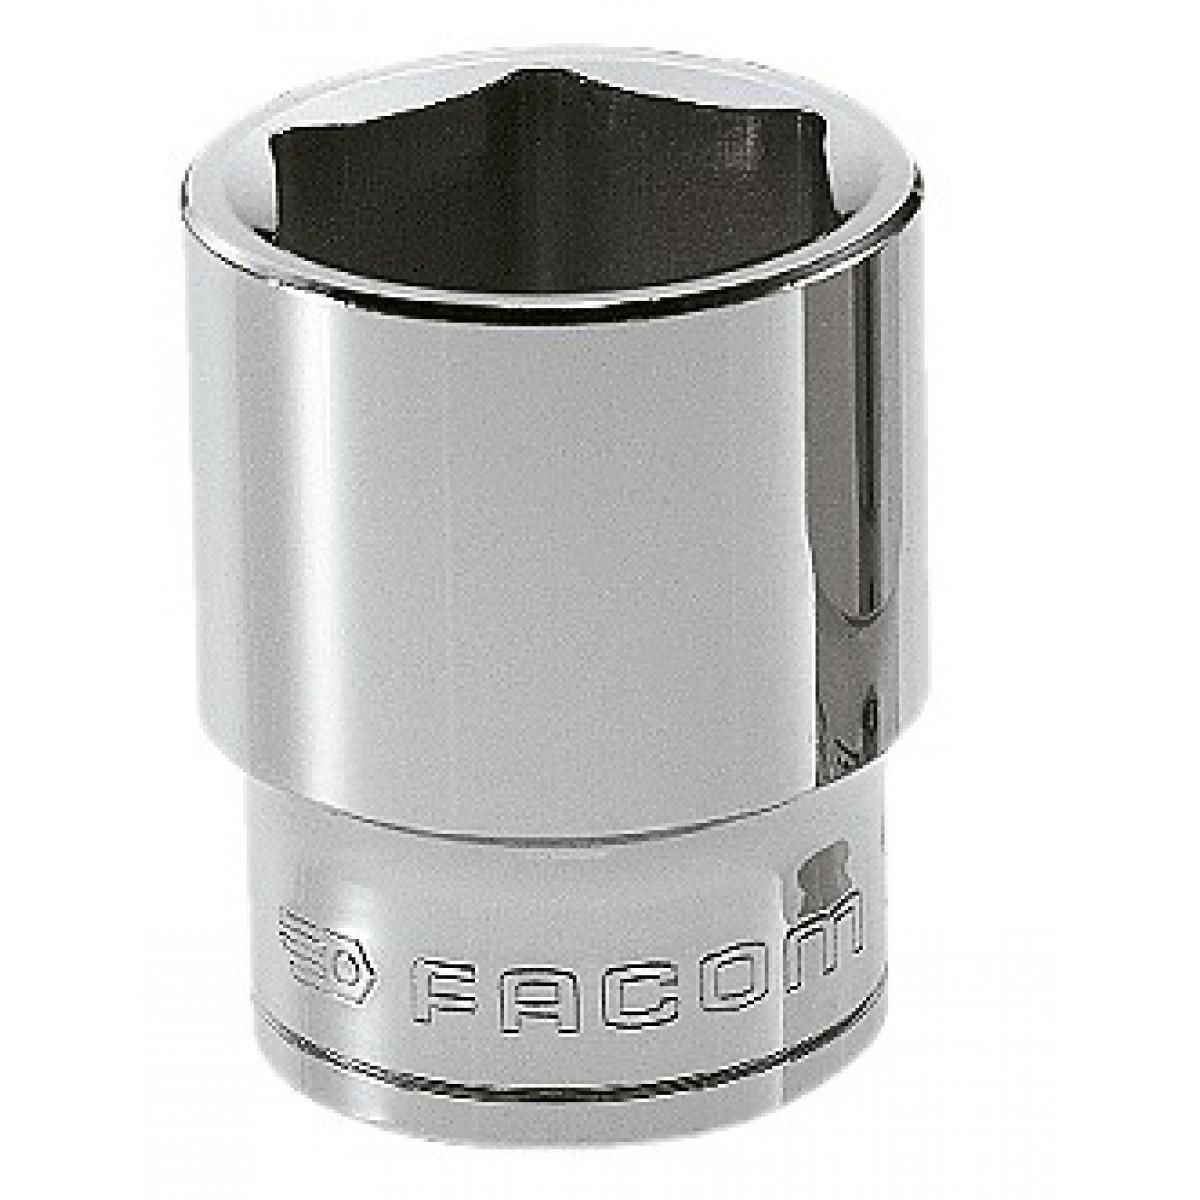 """Douille 6 pans OGV Standard 1/2"""" Facom - 25 mm"""